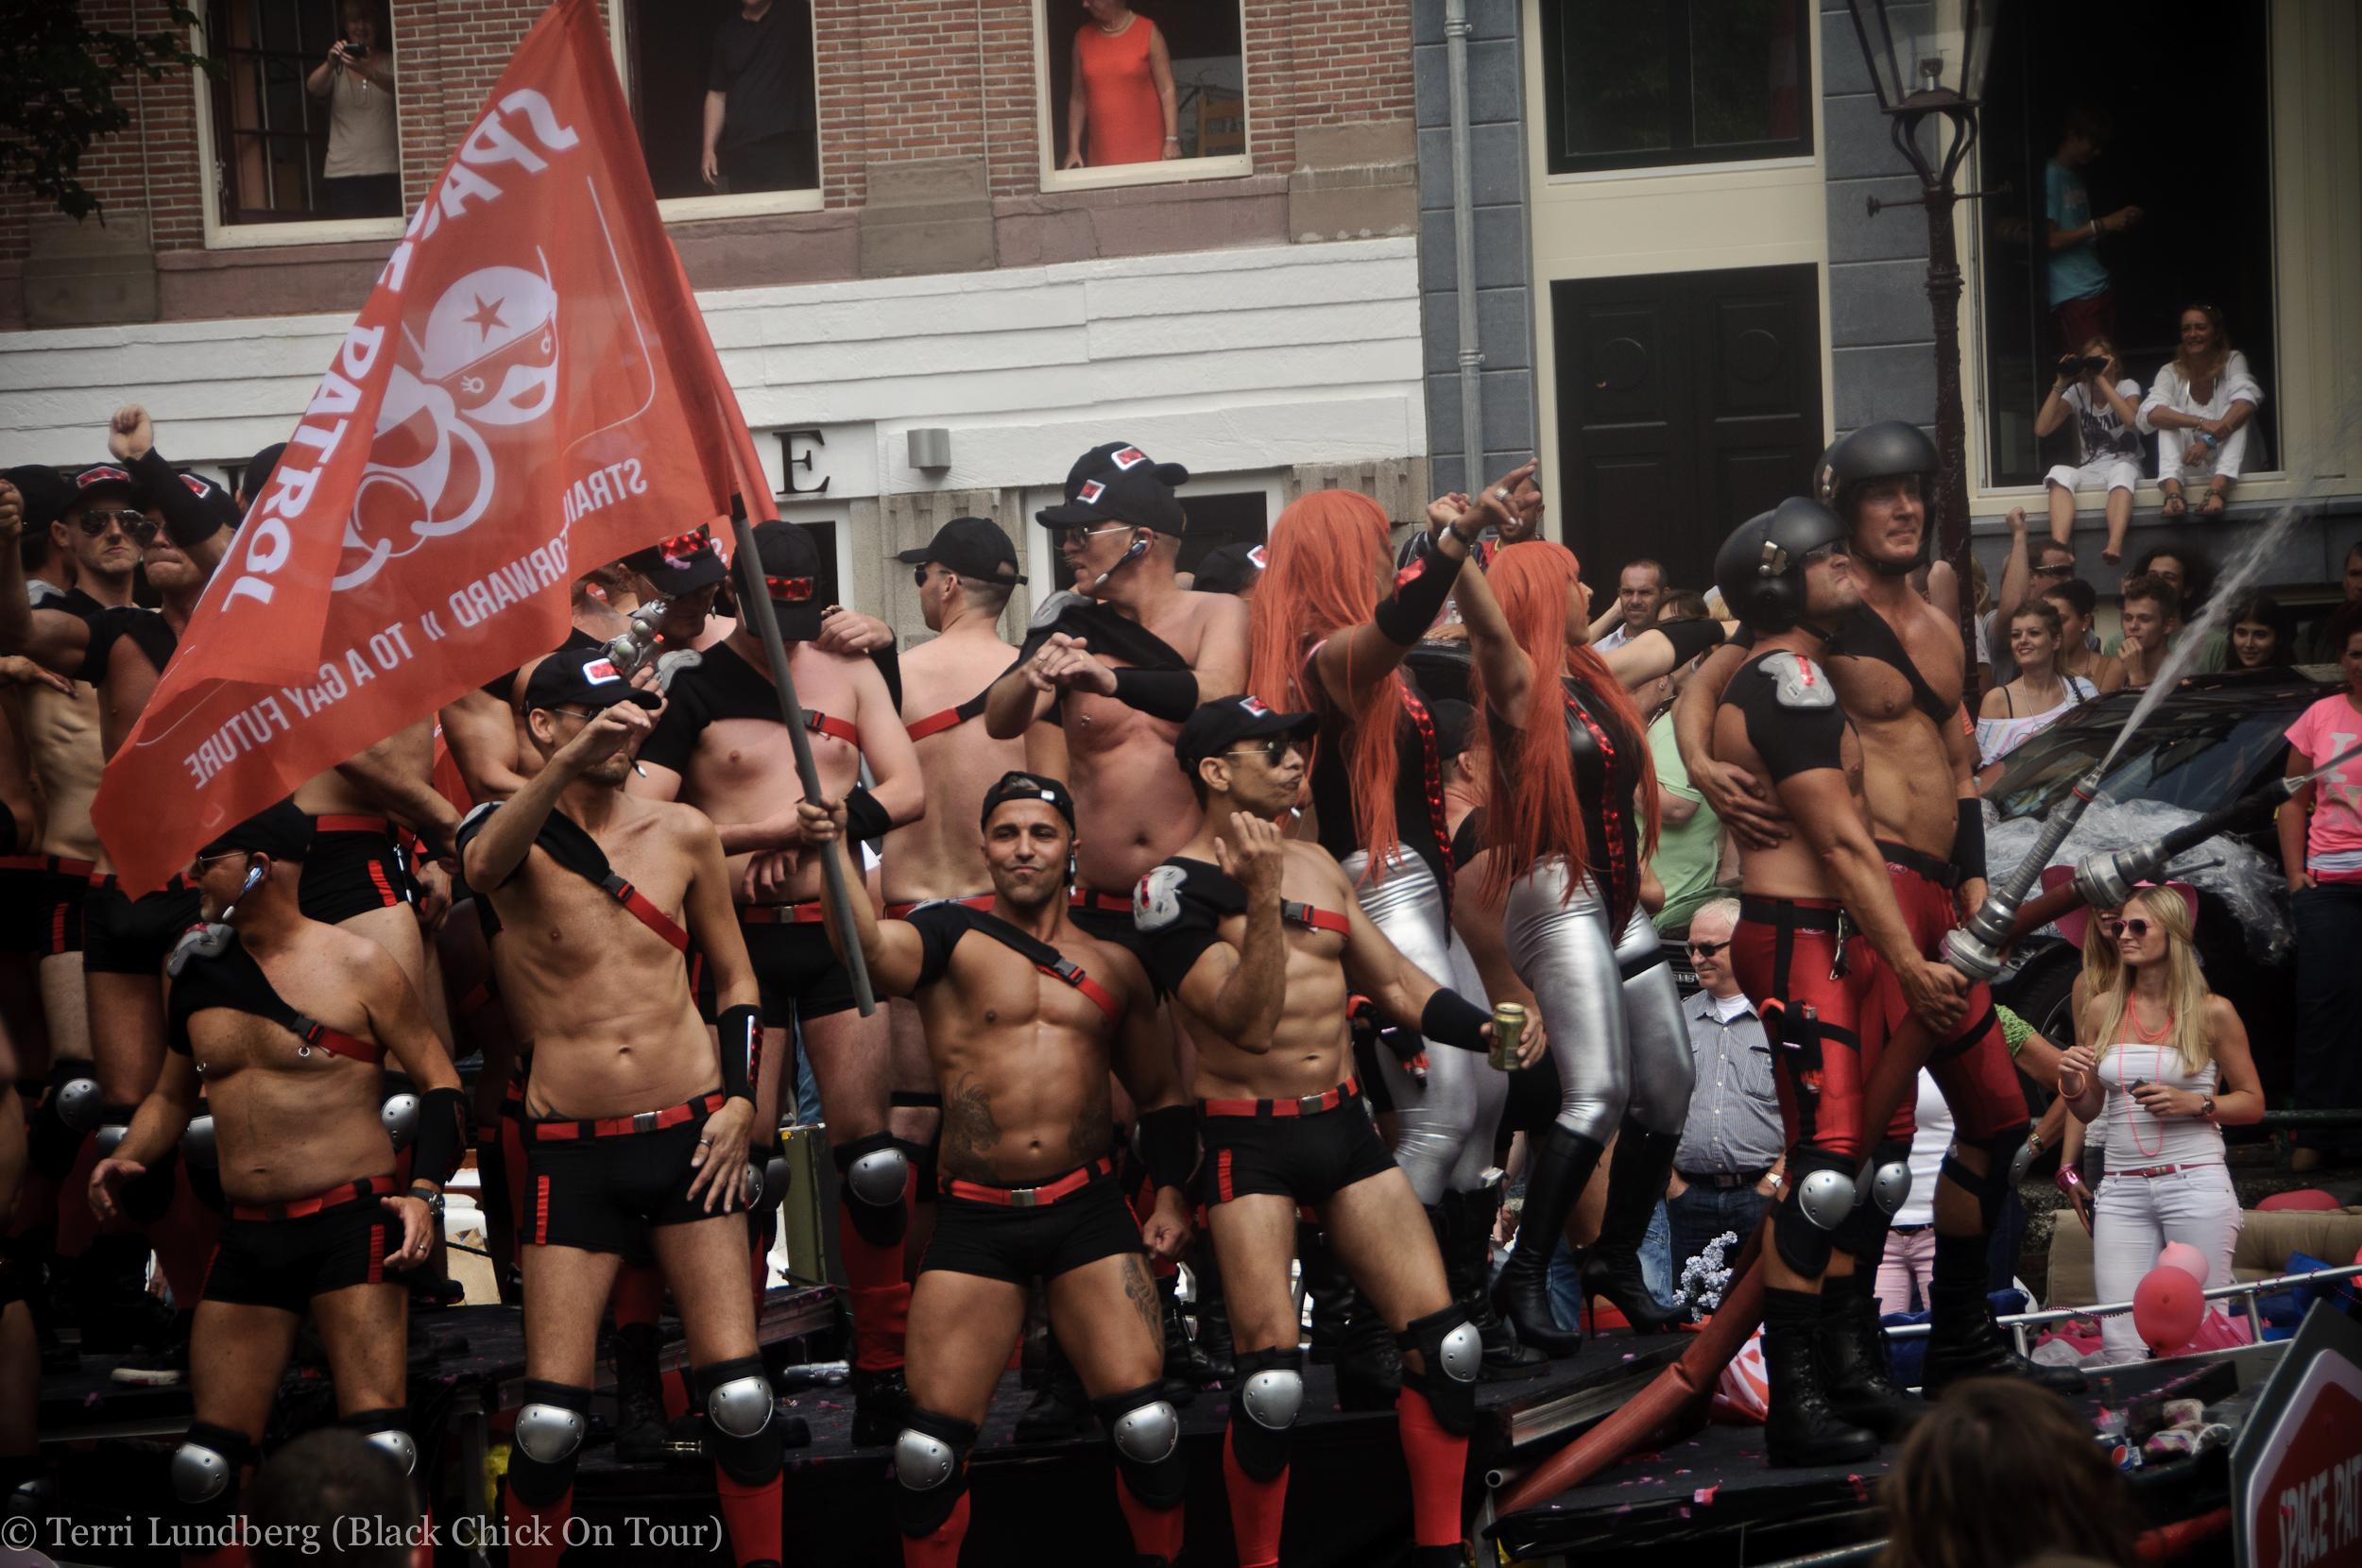 [VIDEO] Amsterdam Gay Pride Parade 2012